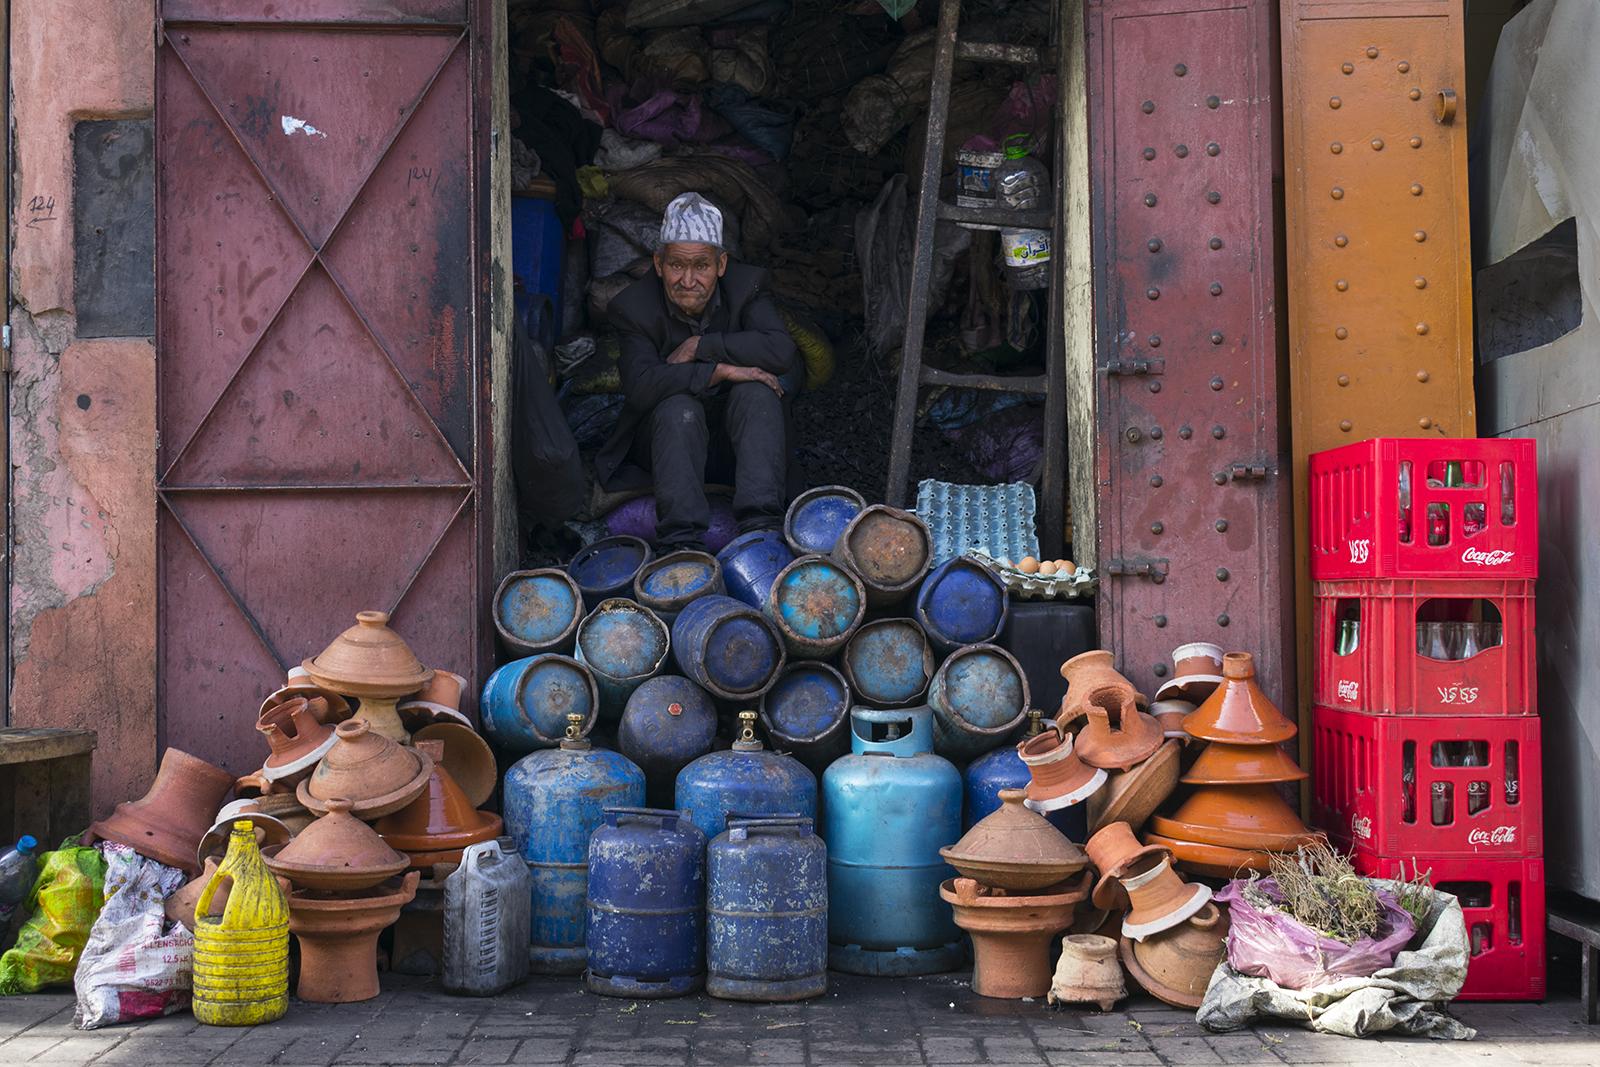 Le Vendeur de bouteilles - Marrakech...